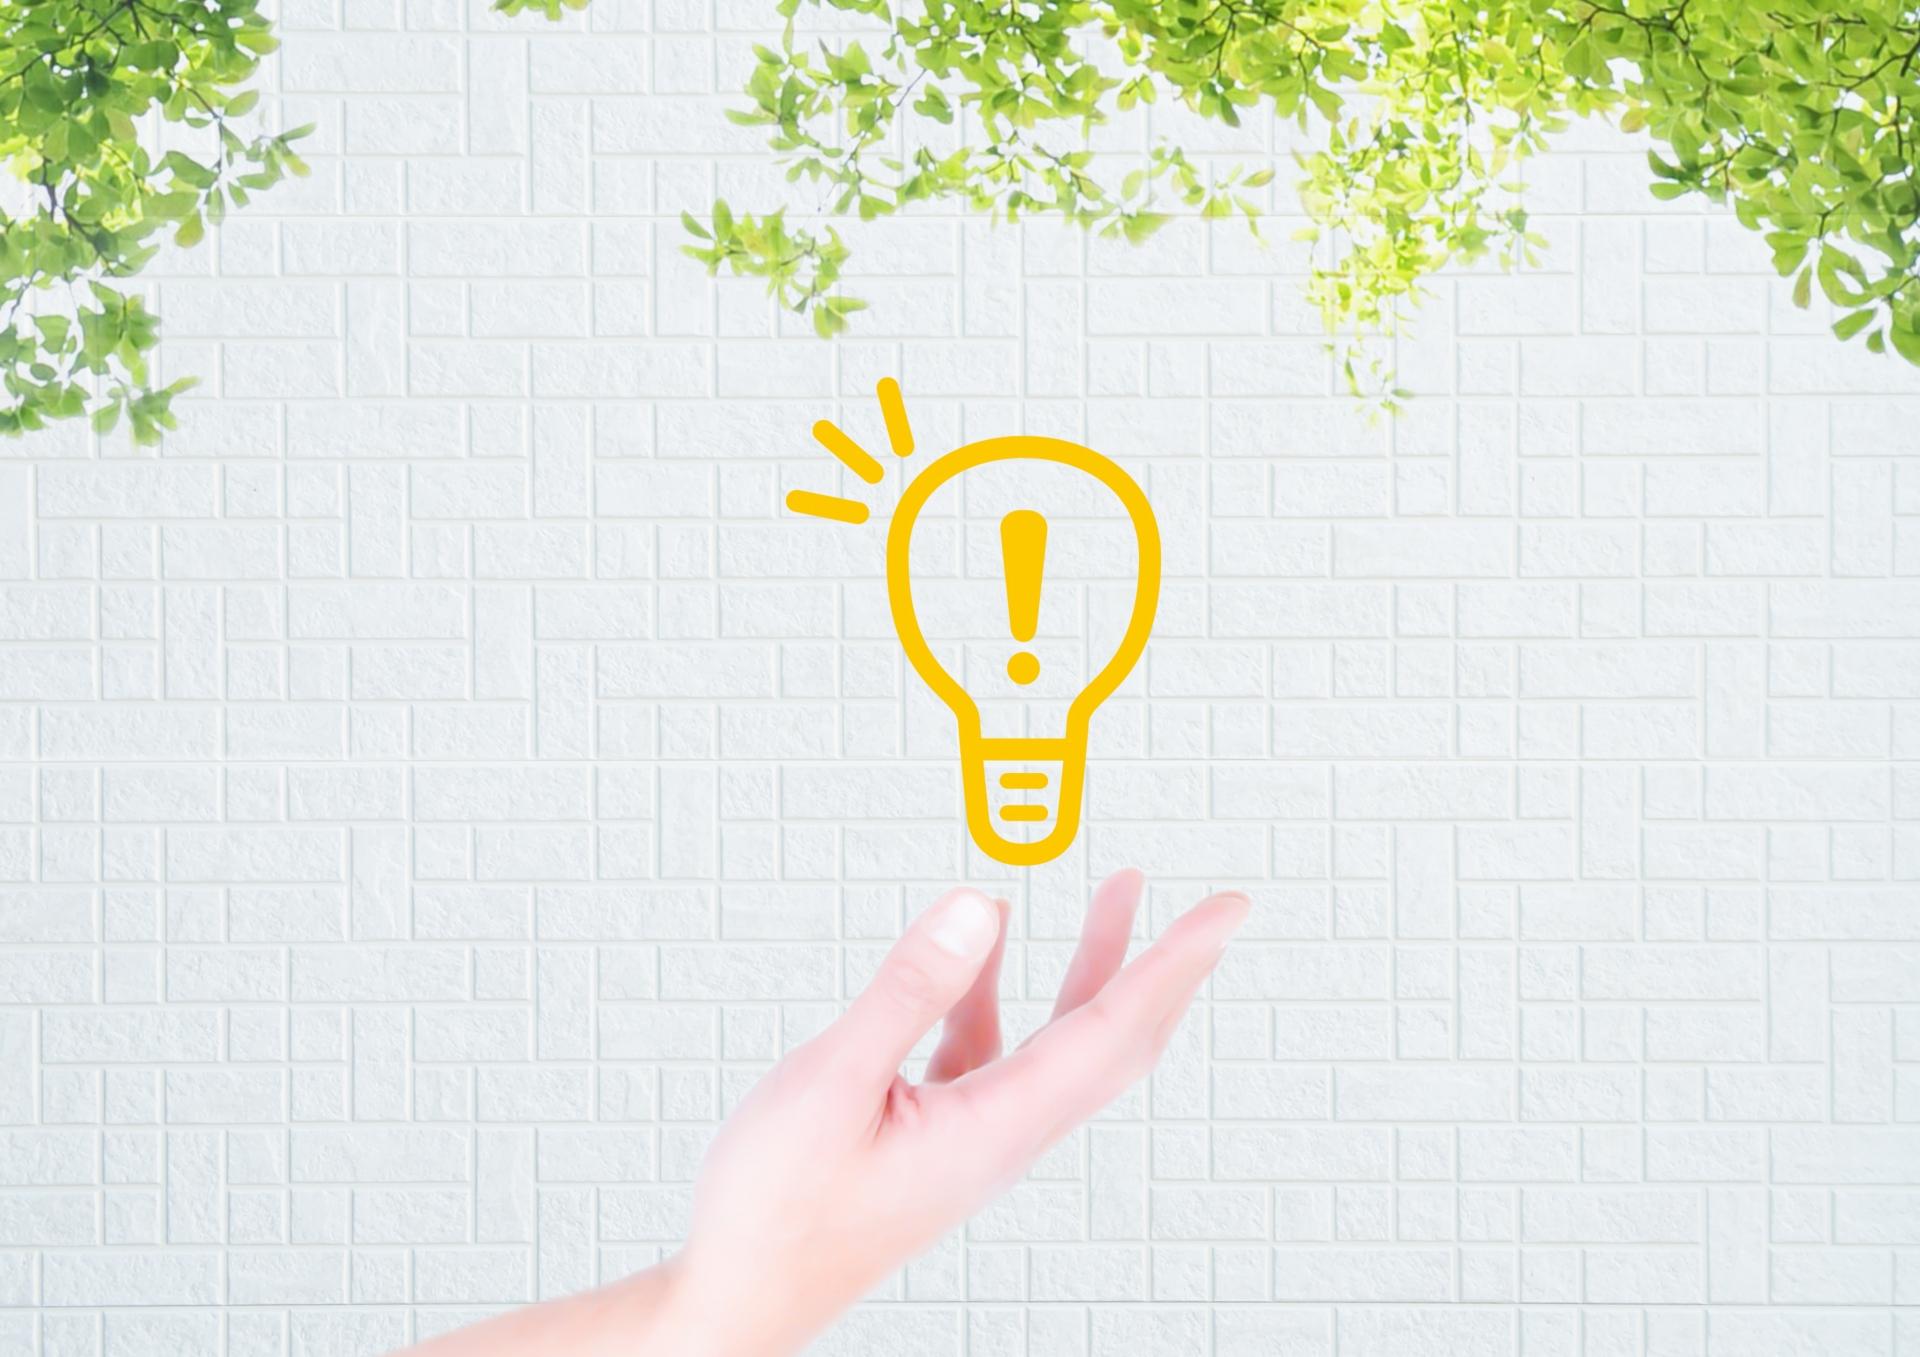 業務改善の今すぐできるアイデア4選_アイデア